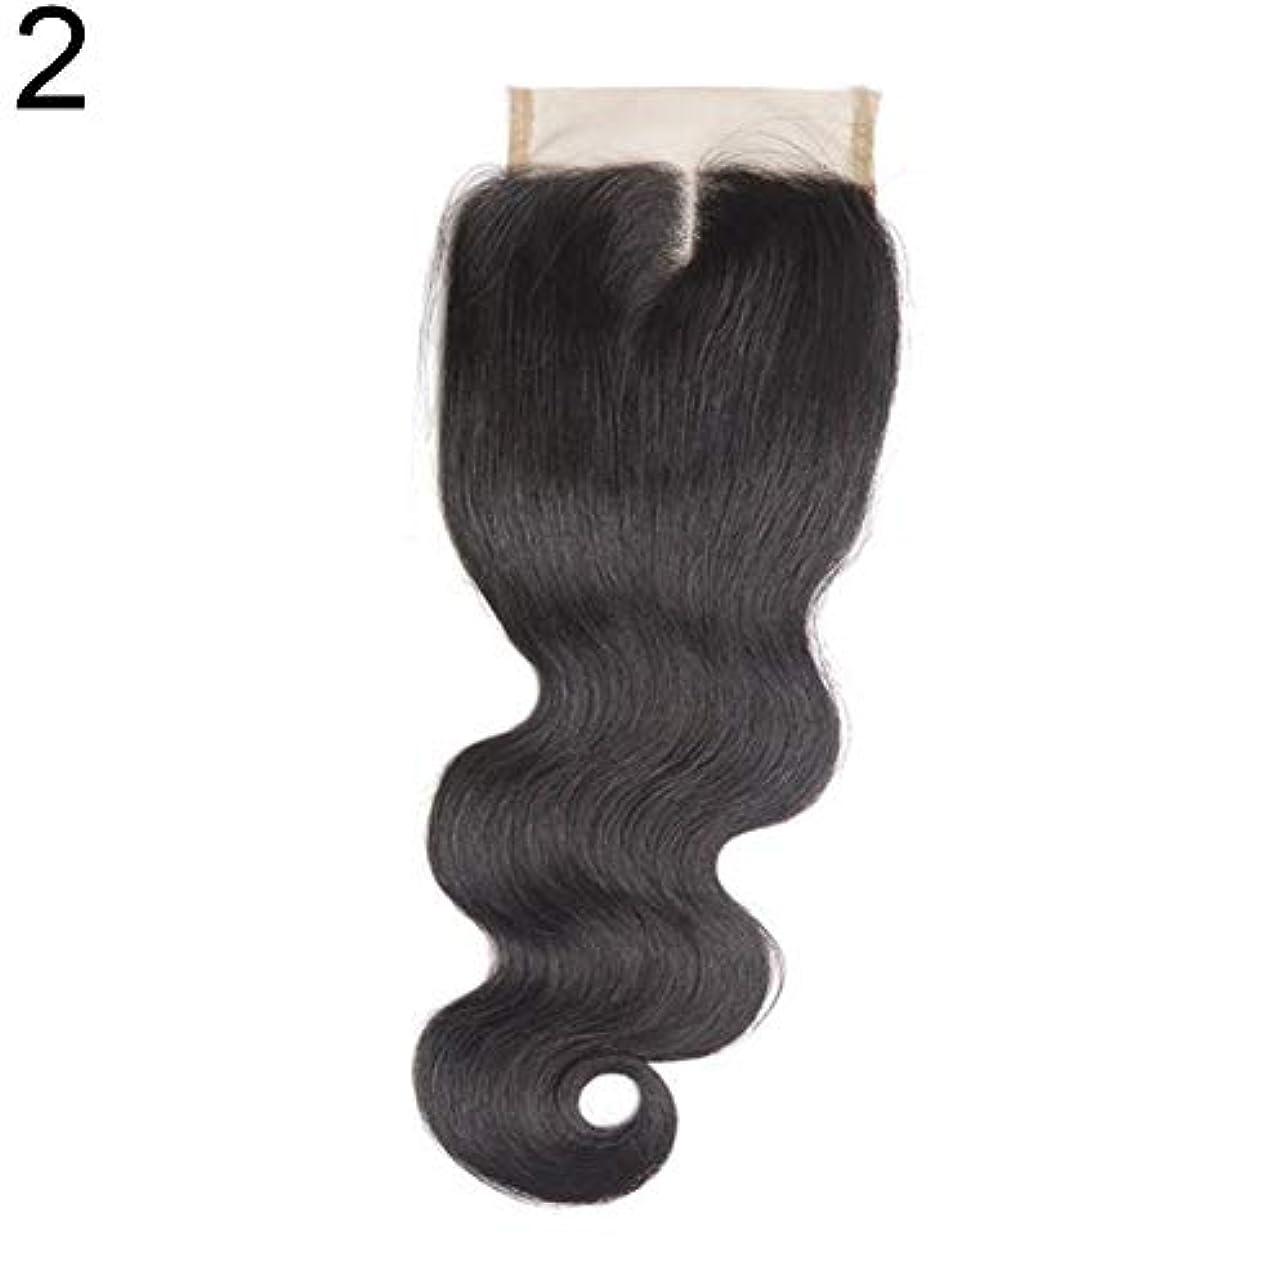 抜け目のないネイティブ実際slQinjiansav女性ウィッグ修理ツールブラジルのミドル/フリー/3部人間の髪のレース閉鎖ウィッグ黒ヘアピース